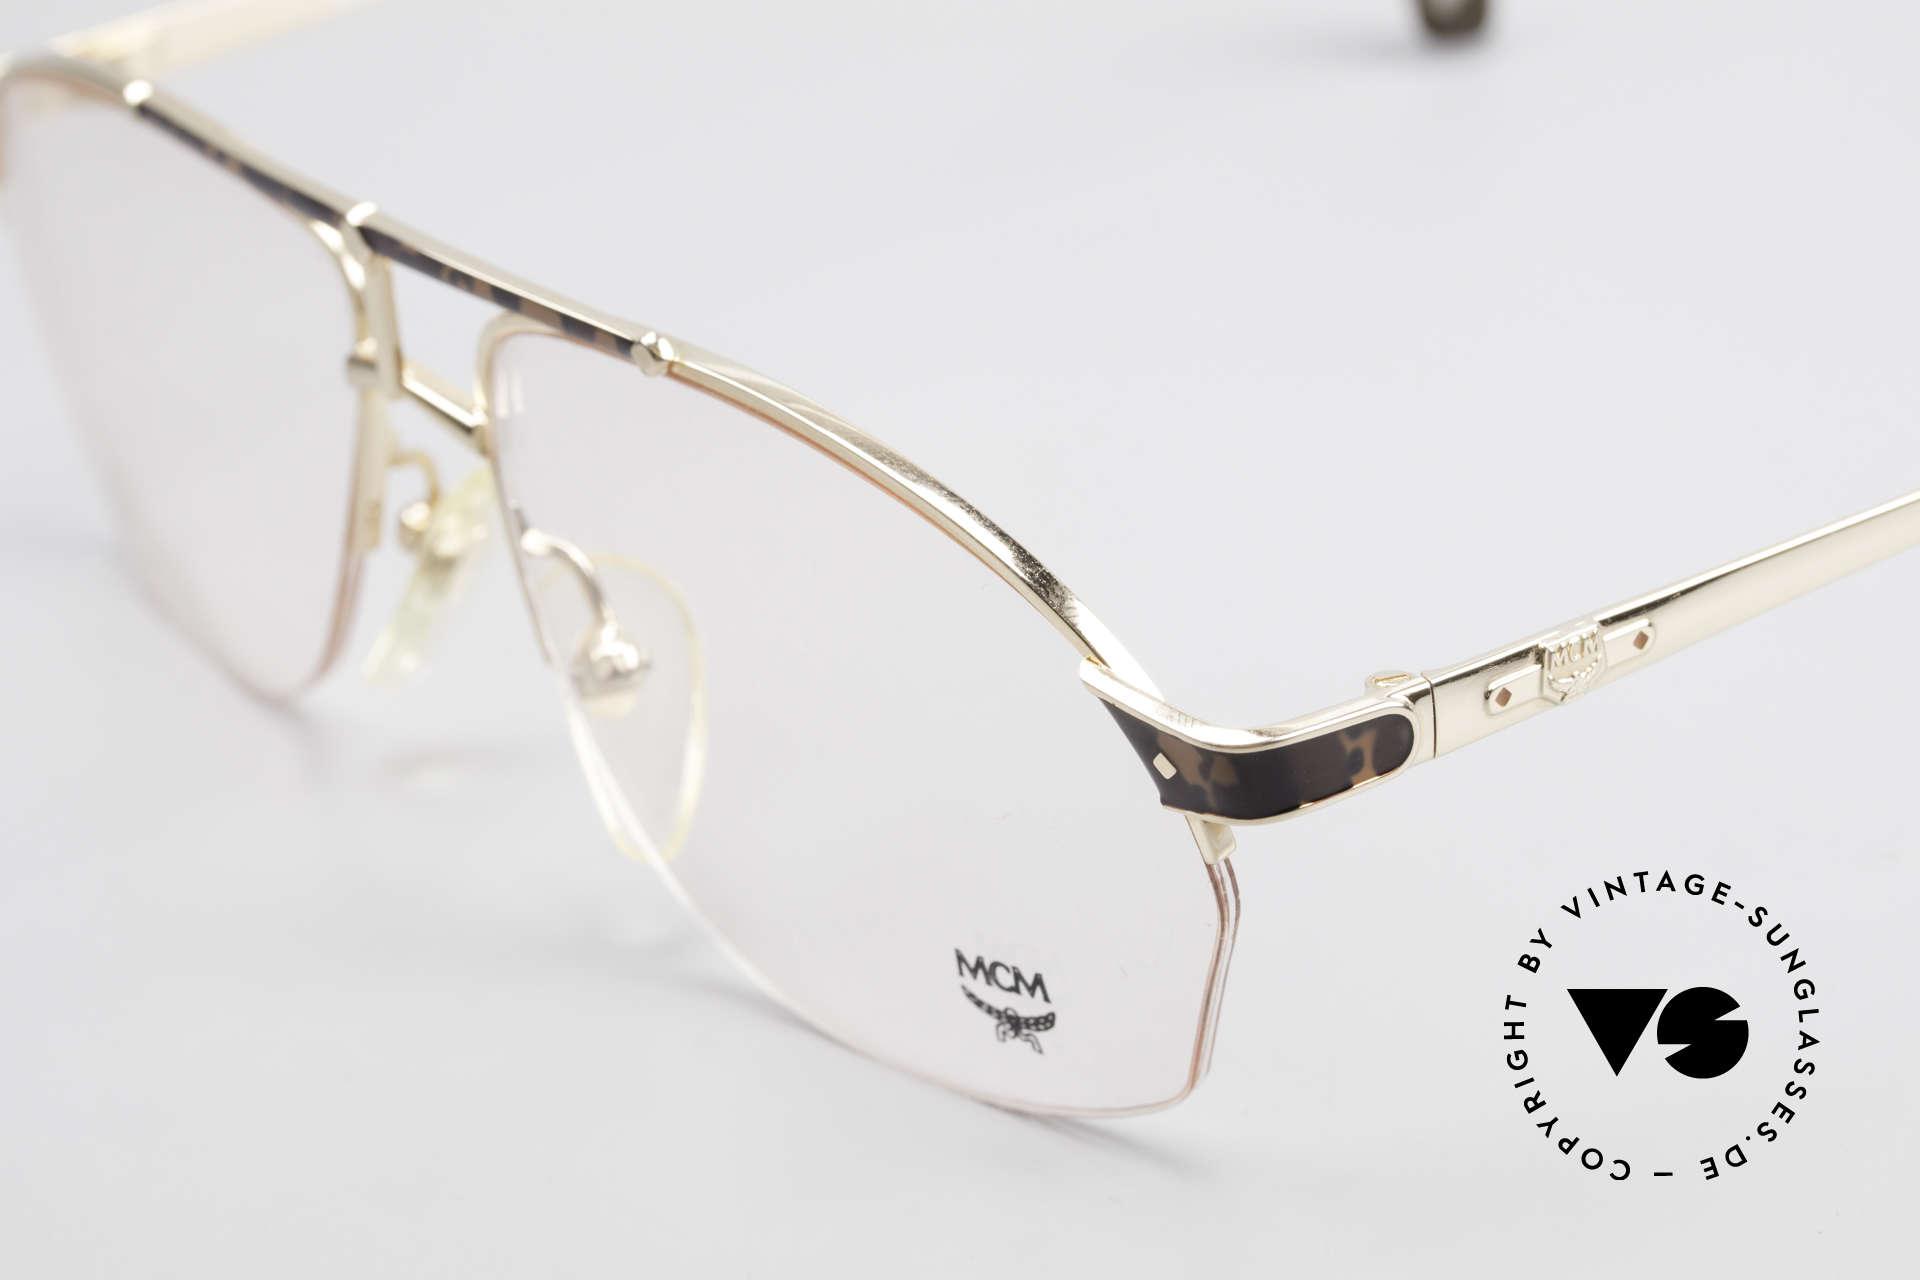 MCM München 10 Vergoldete Brille Wurzelholz, enorm komfortabel (halb randlos); in Größe 56/22, Passend für Herren